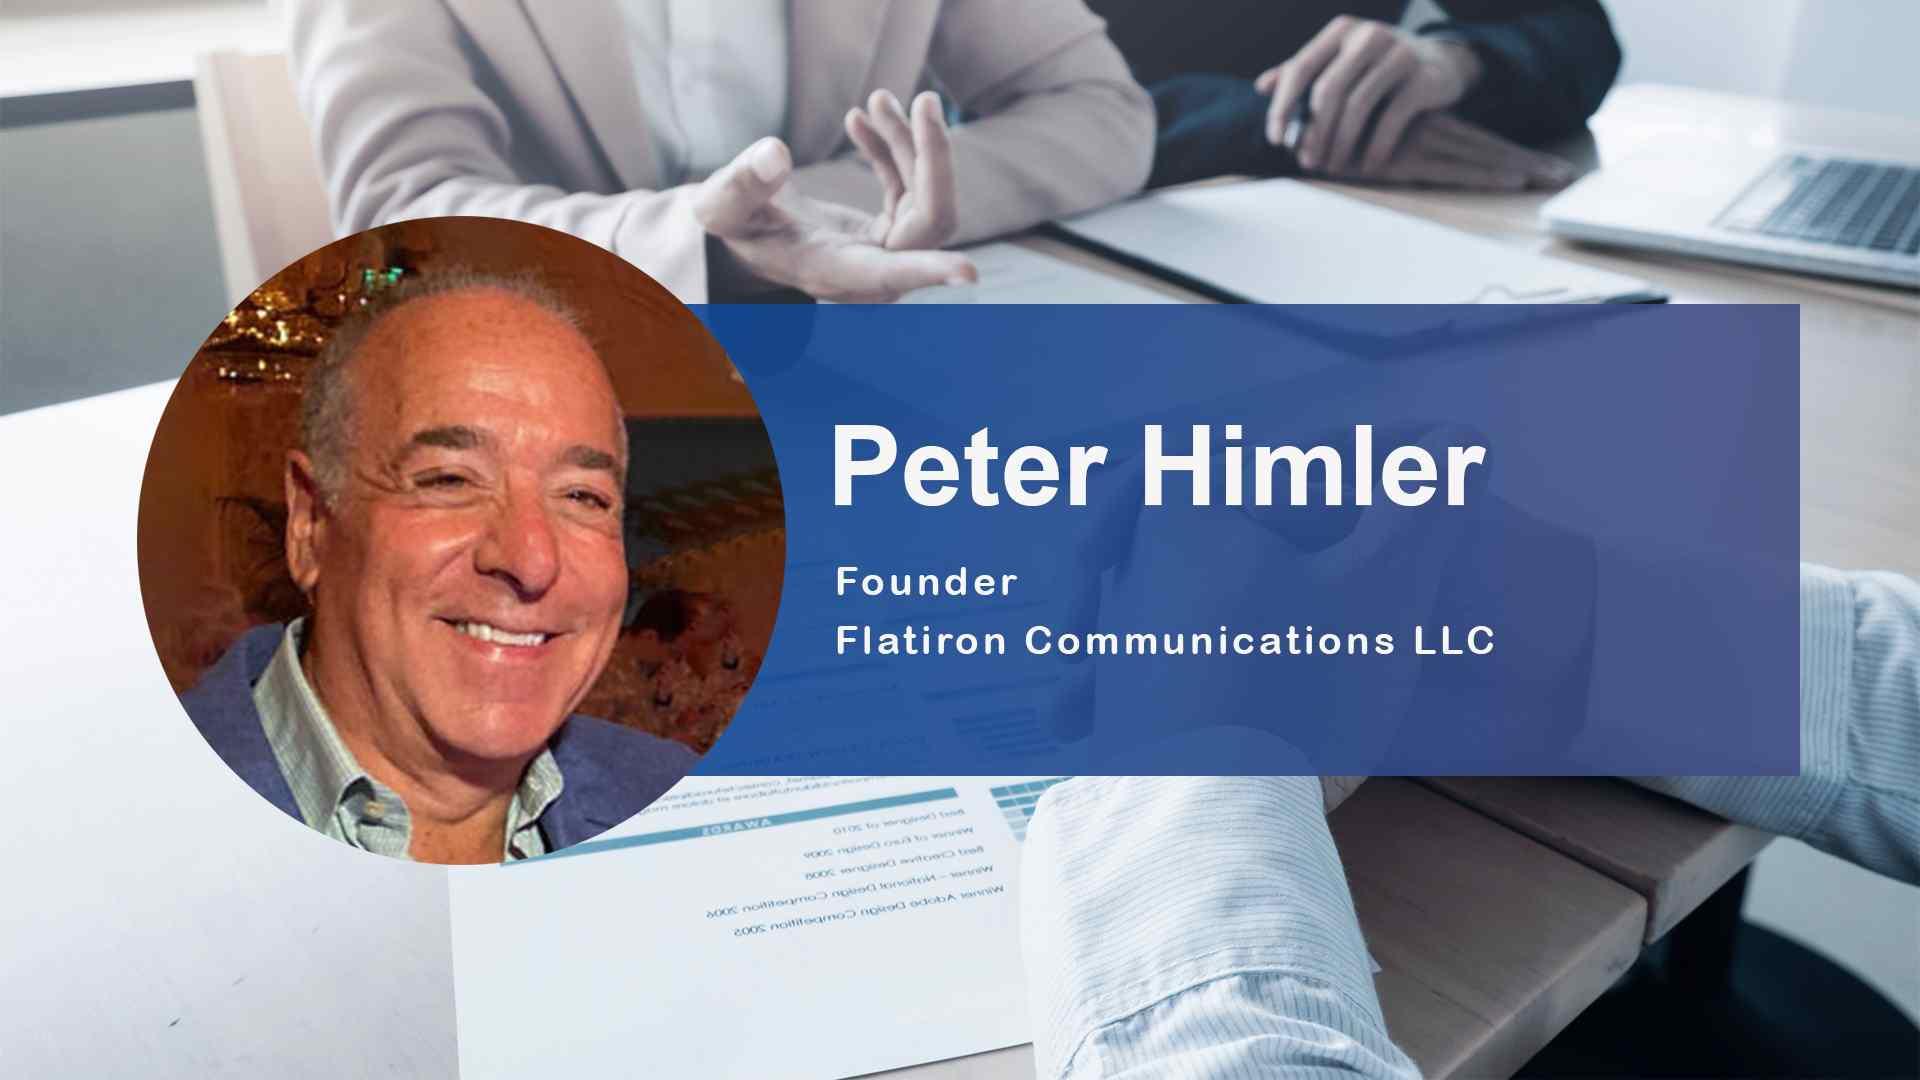 Blue Ocean Global Technology Interviews Peter Himler, PR Industry Veteran